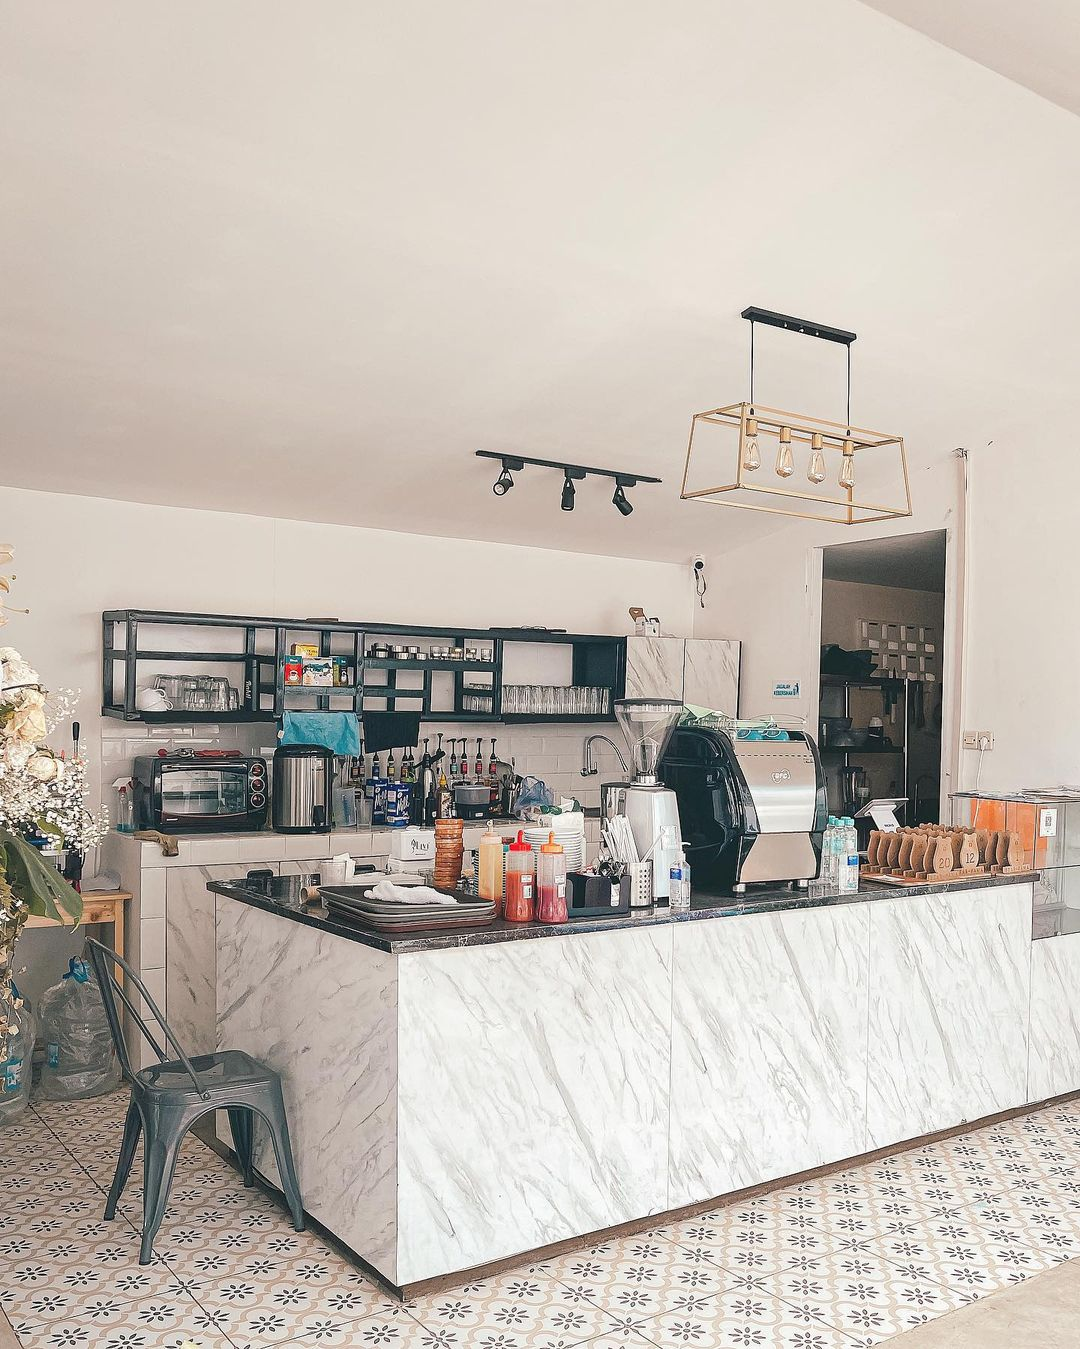 Bagian Dalam Bear Sama Cafe Meruya Image From @ivanmarchius